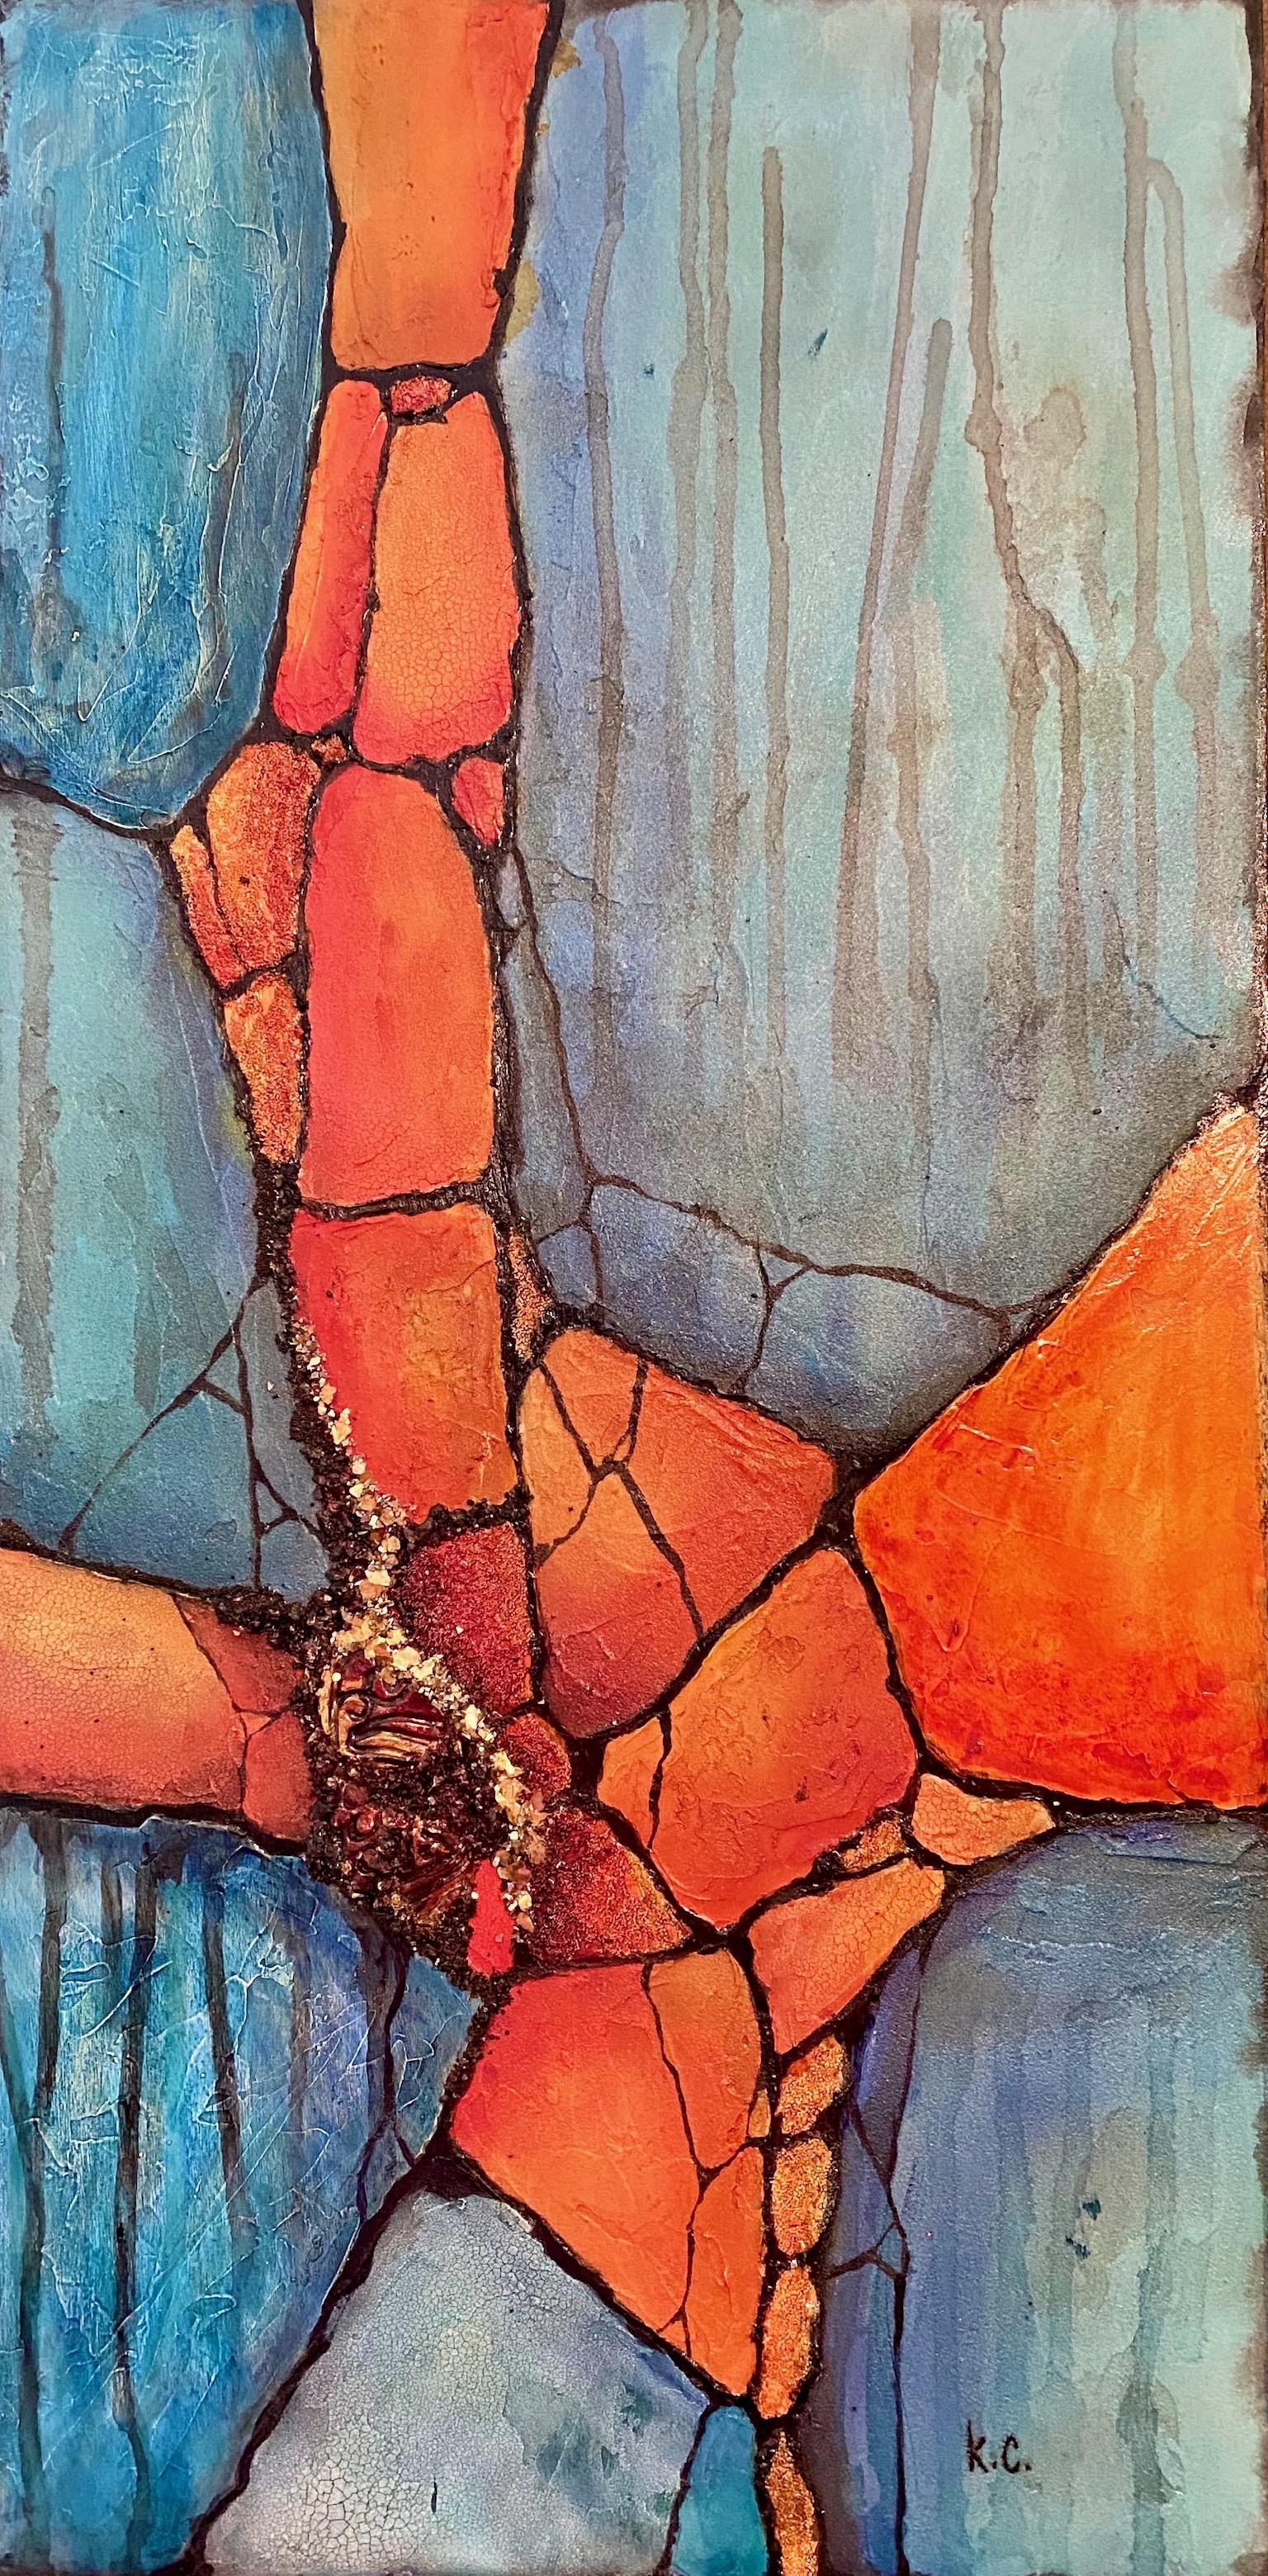 Karla Cloninger - Fine Art Painting